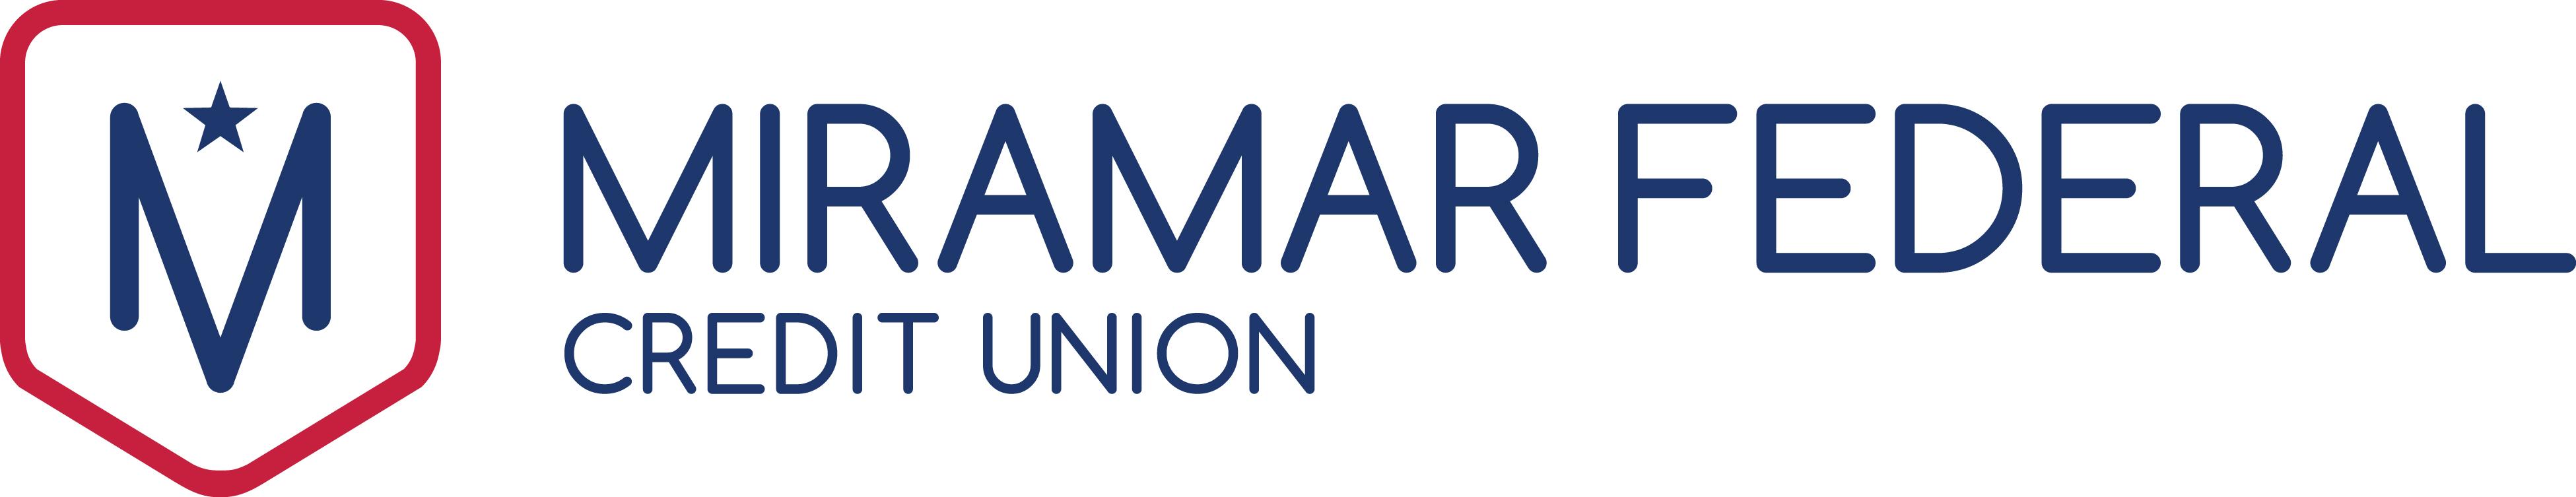 MFCU_Logo_RGB